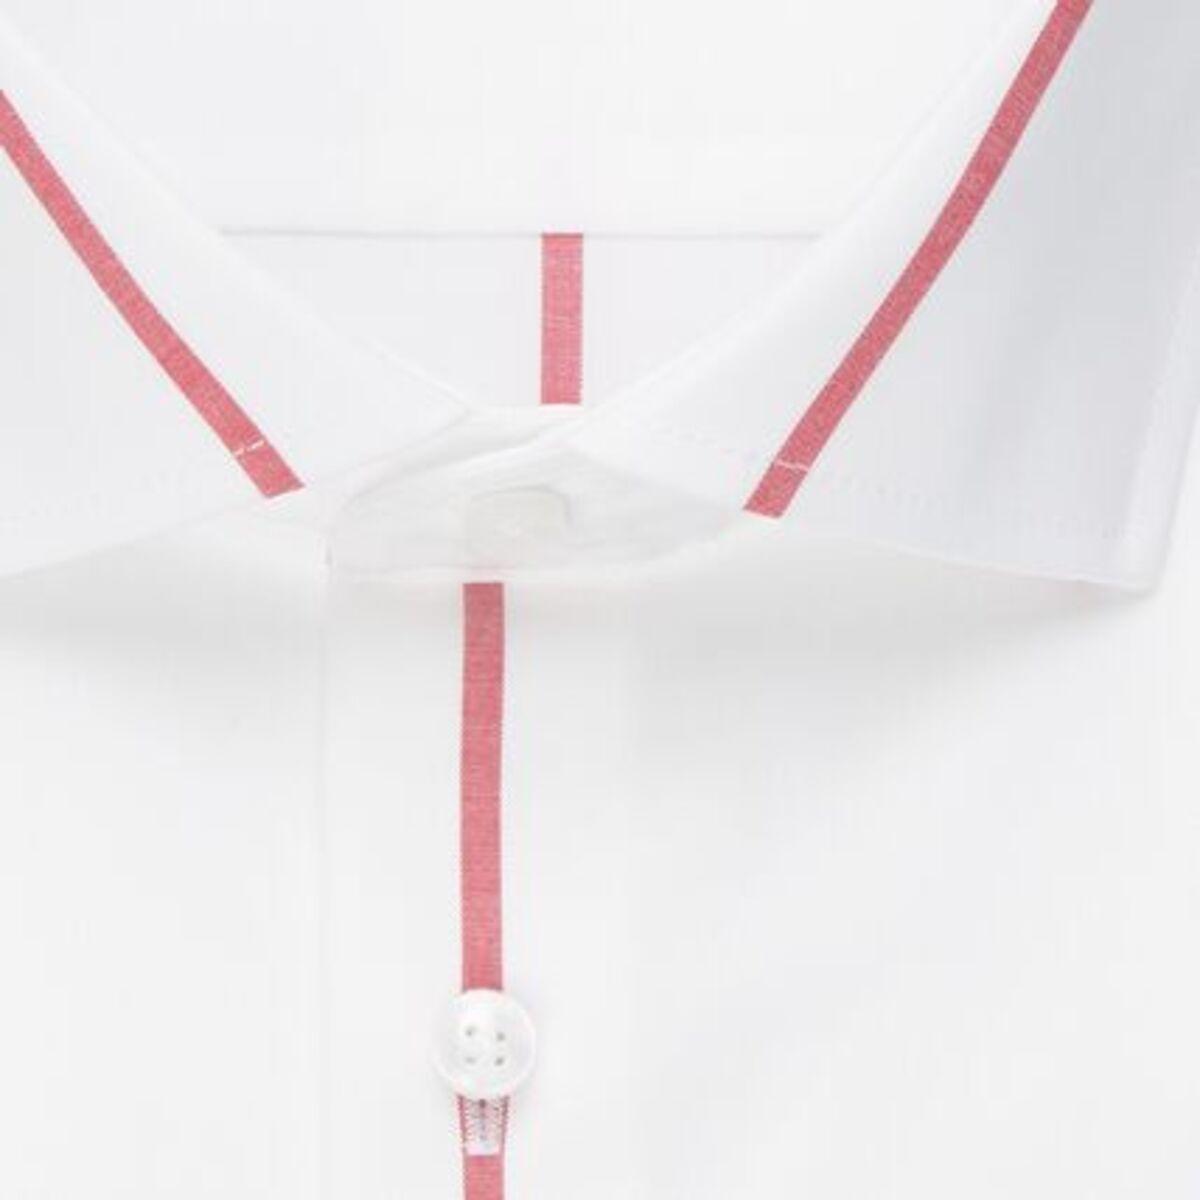 Bild 4 von Seidensticker Business Hemd Slim Langarm Kentkragen Streifen, Rot, rot, 43, 43